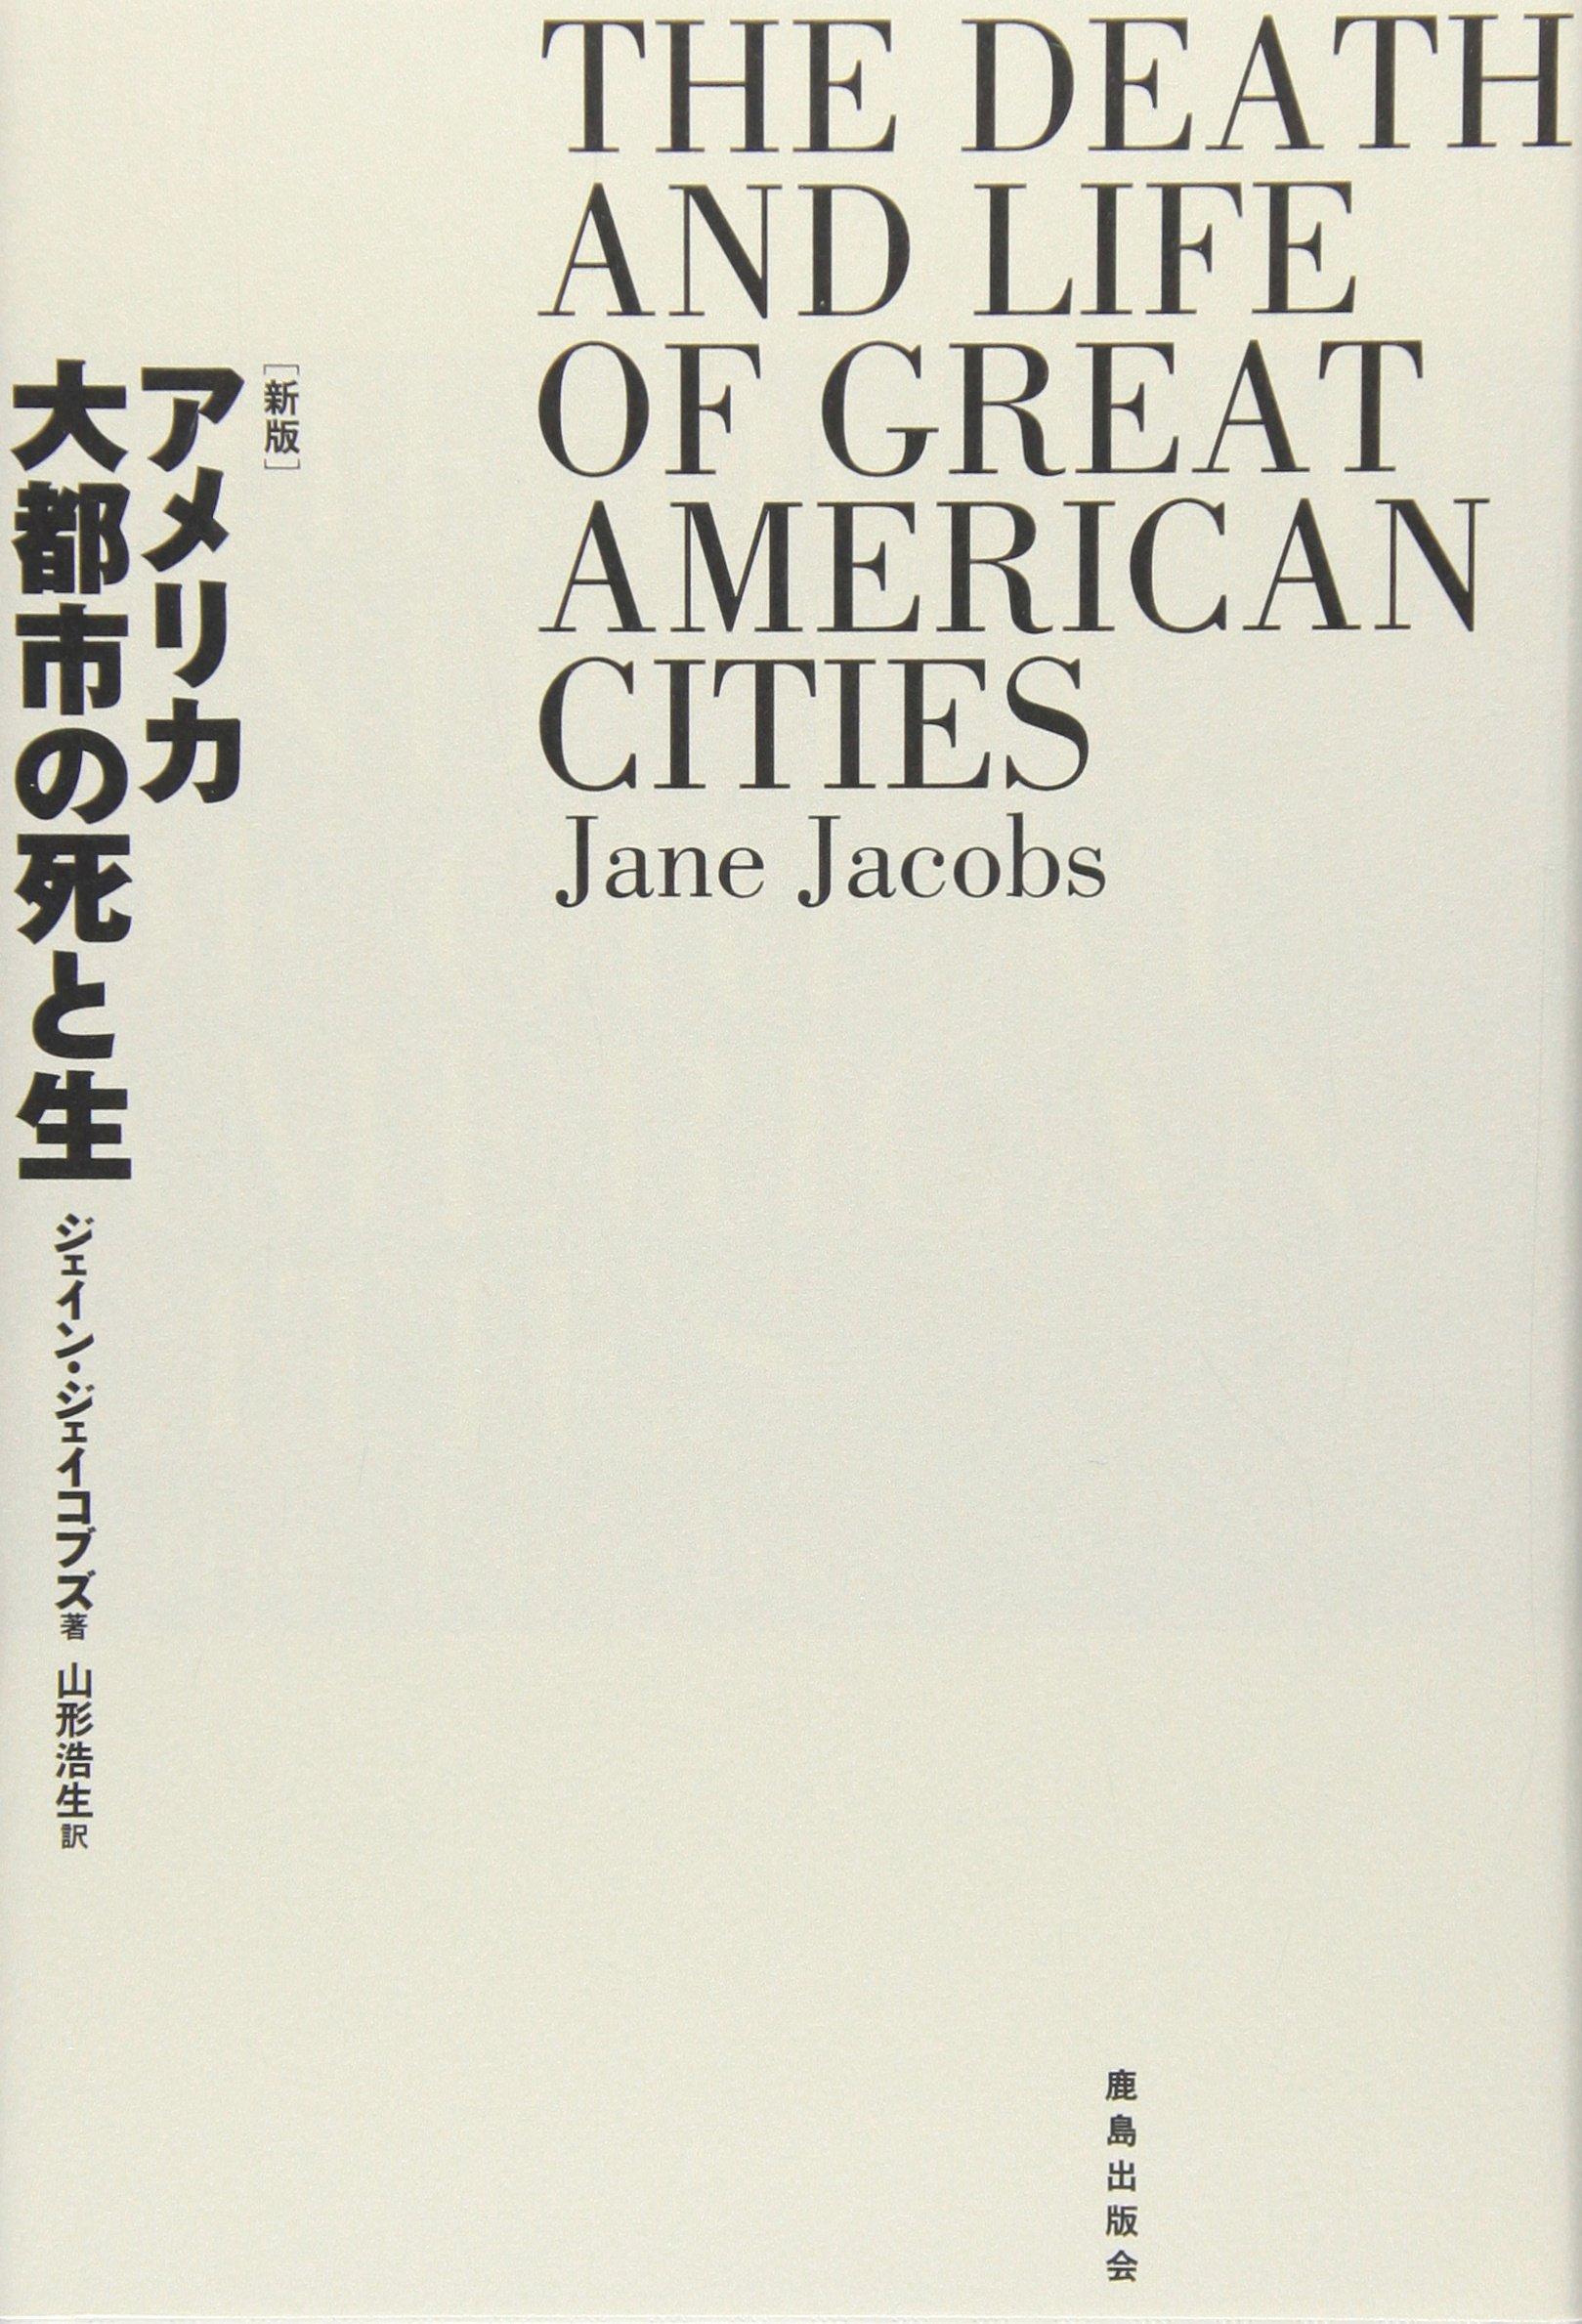 ジェイン・ジェイコブズ(2010)『アメリカ大都市の死と生』鹿島出版会